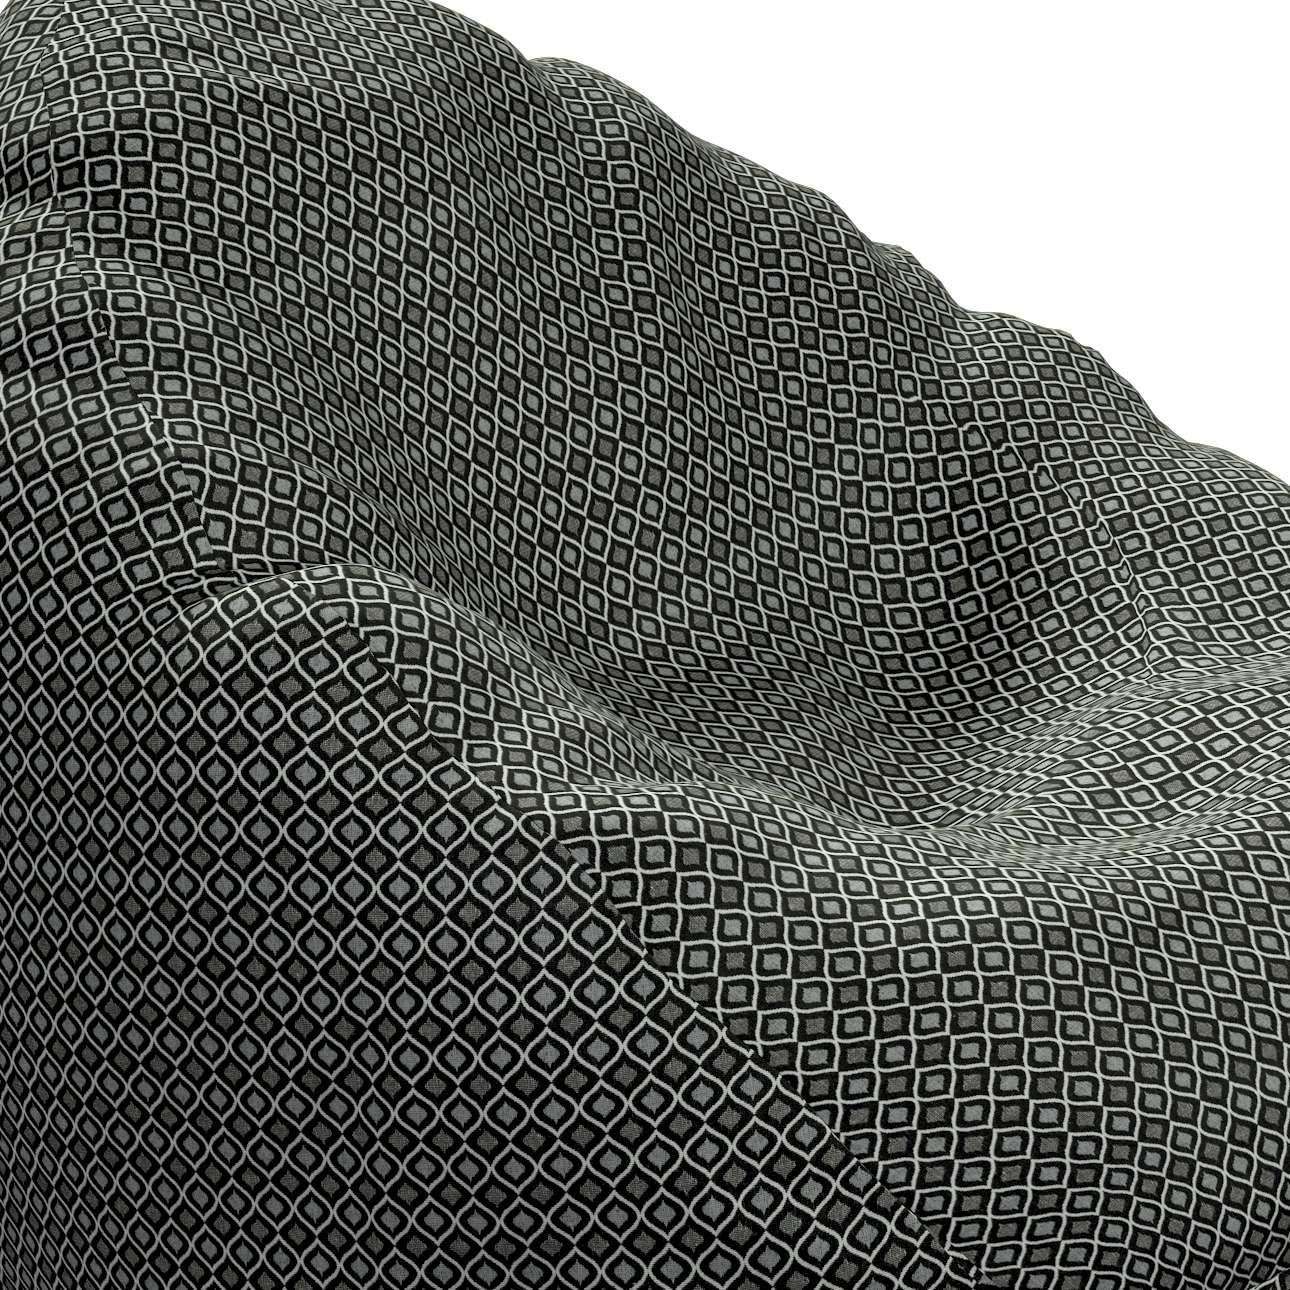 Worek do siedzenia w kolekcji Black & White, tkanina: 142-86